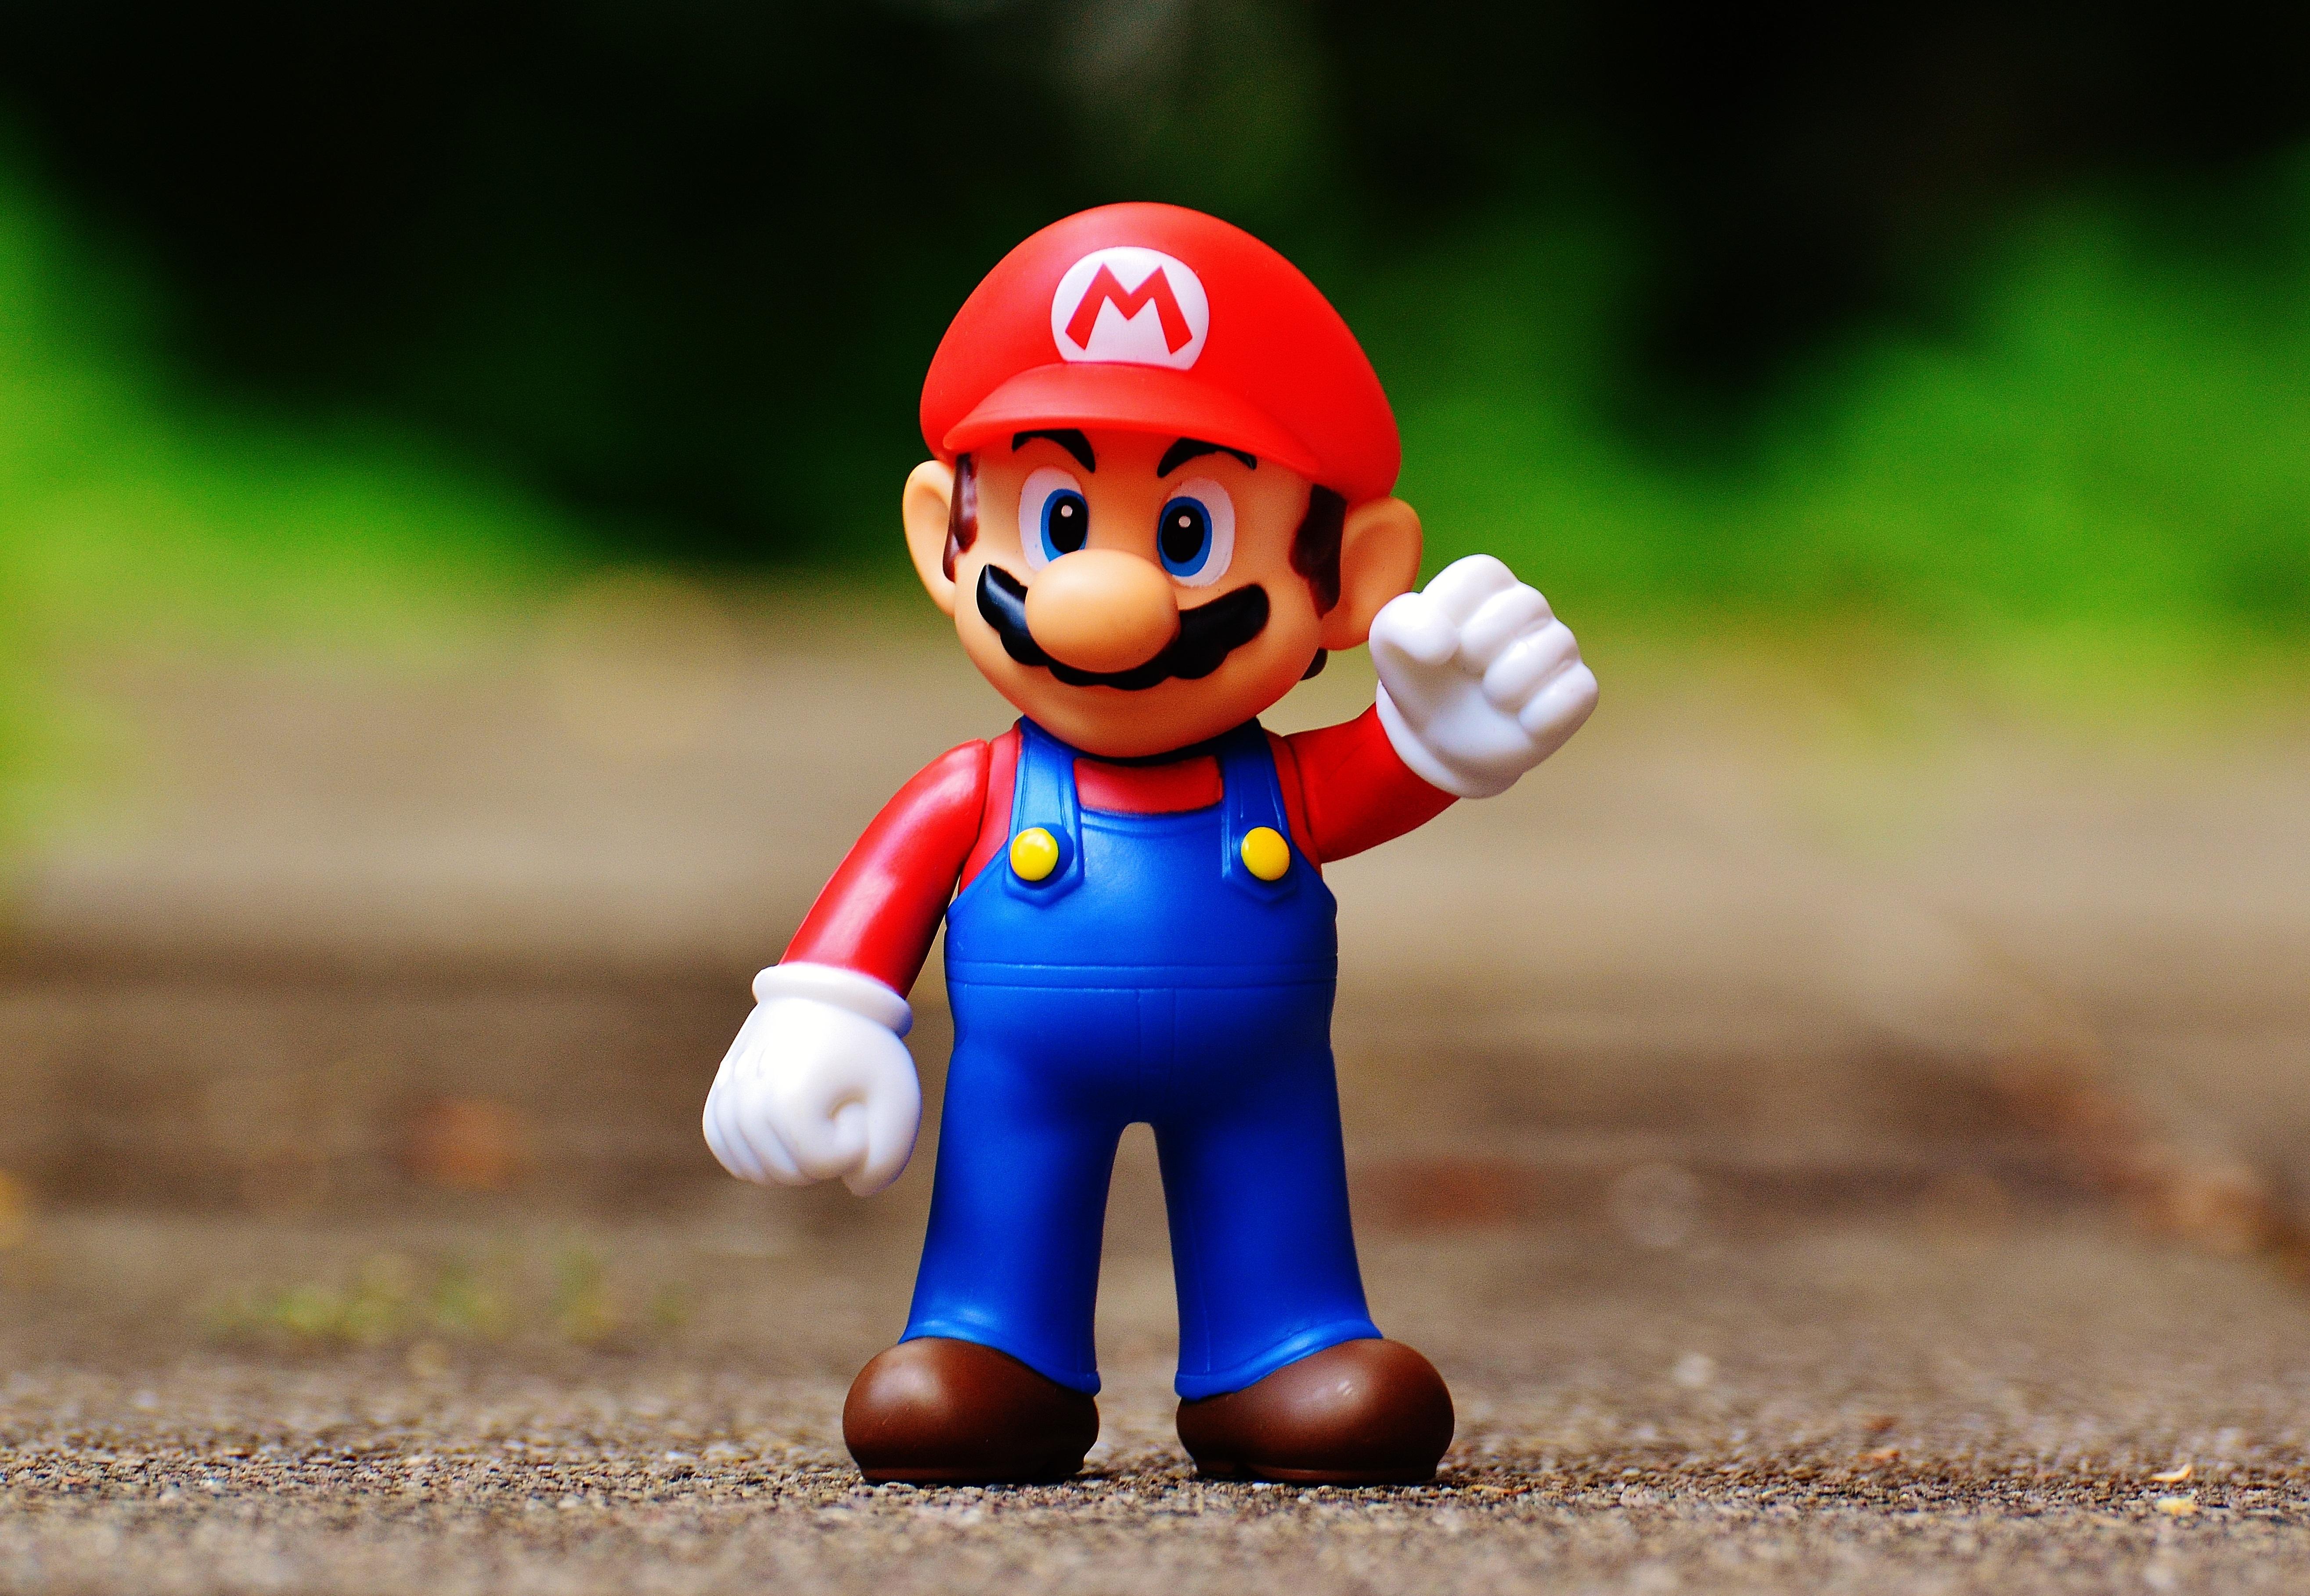 Gambar Video Game Bermain Retro Merah Anak Mainan Ara Video